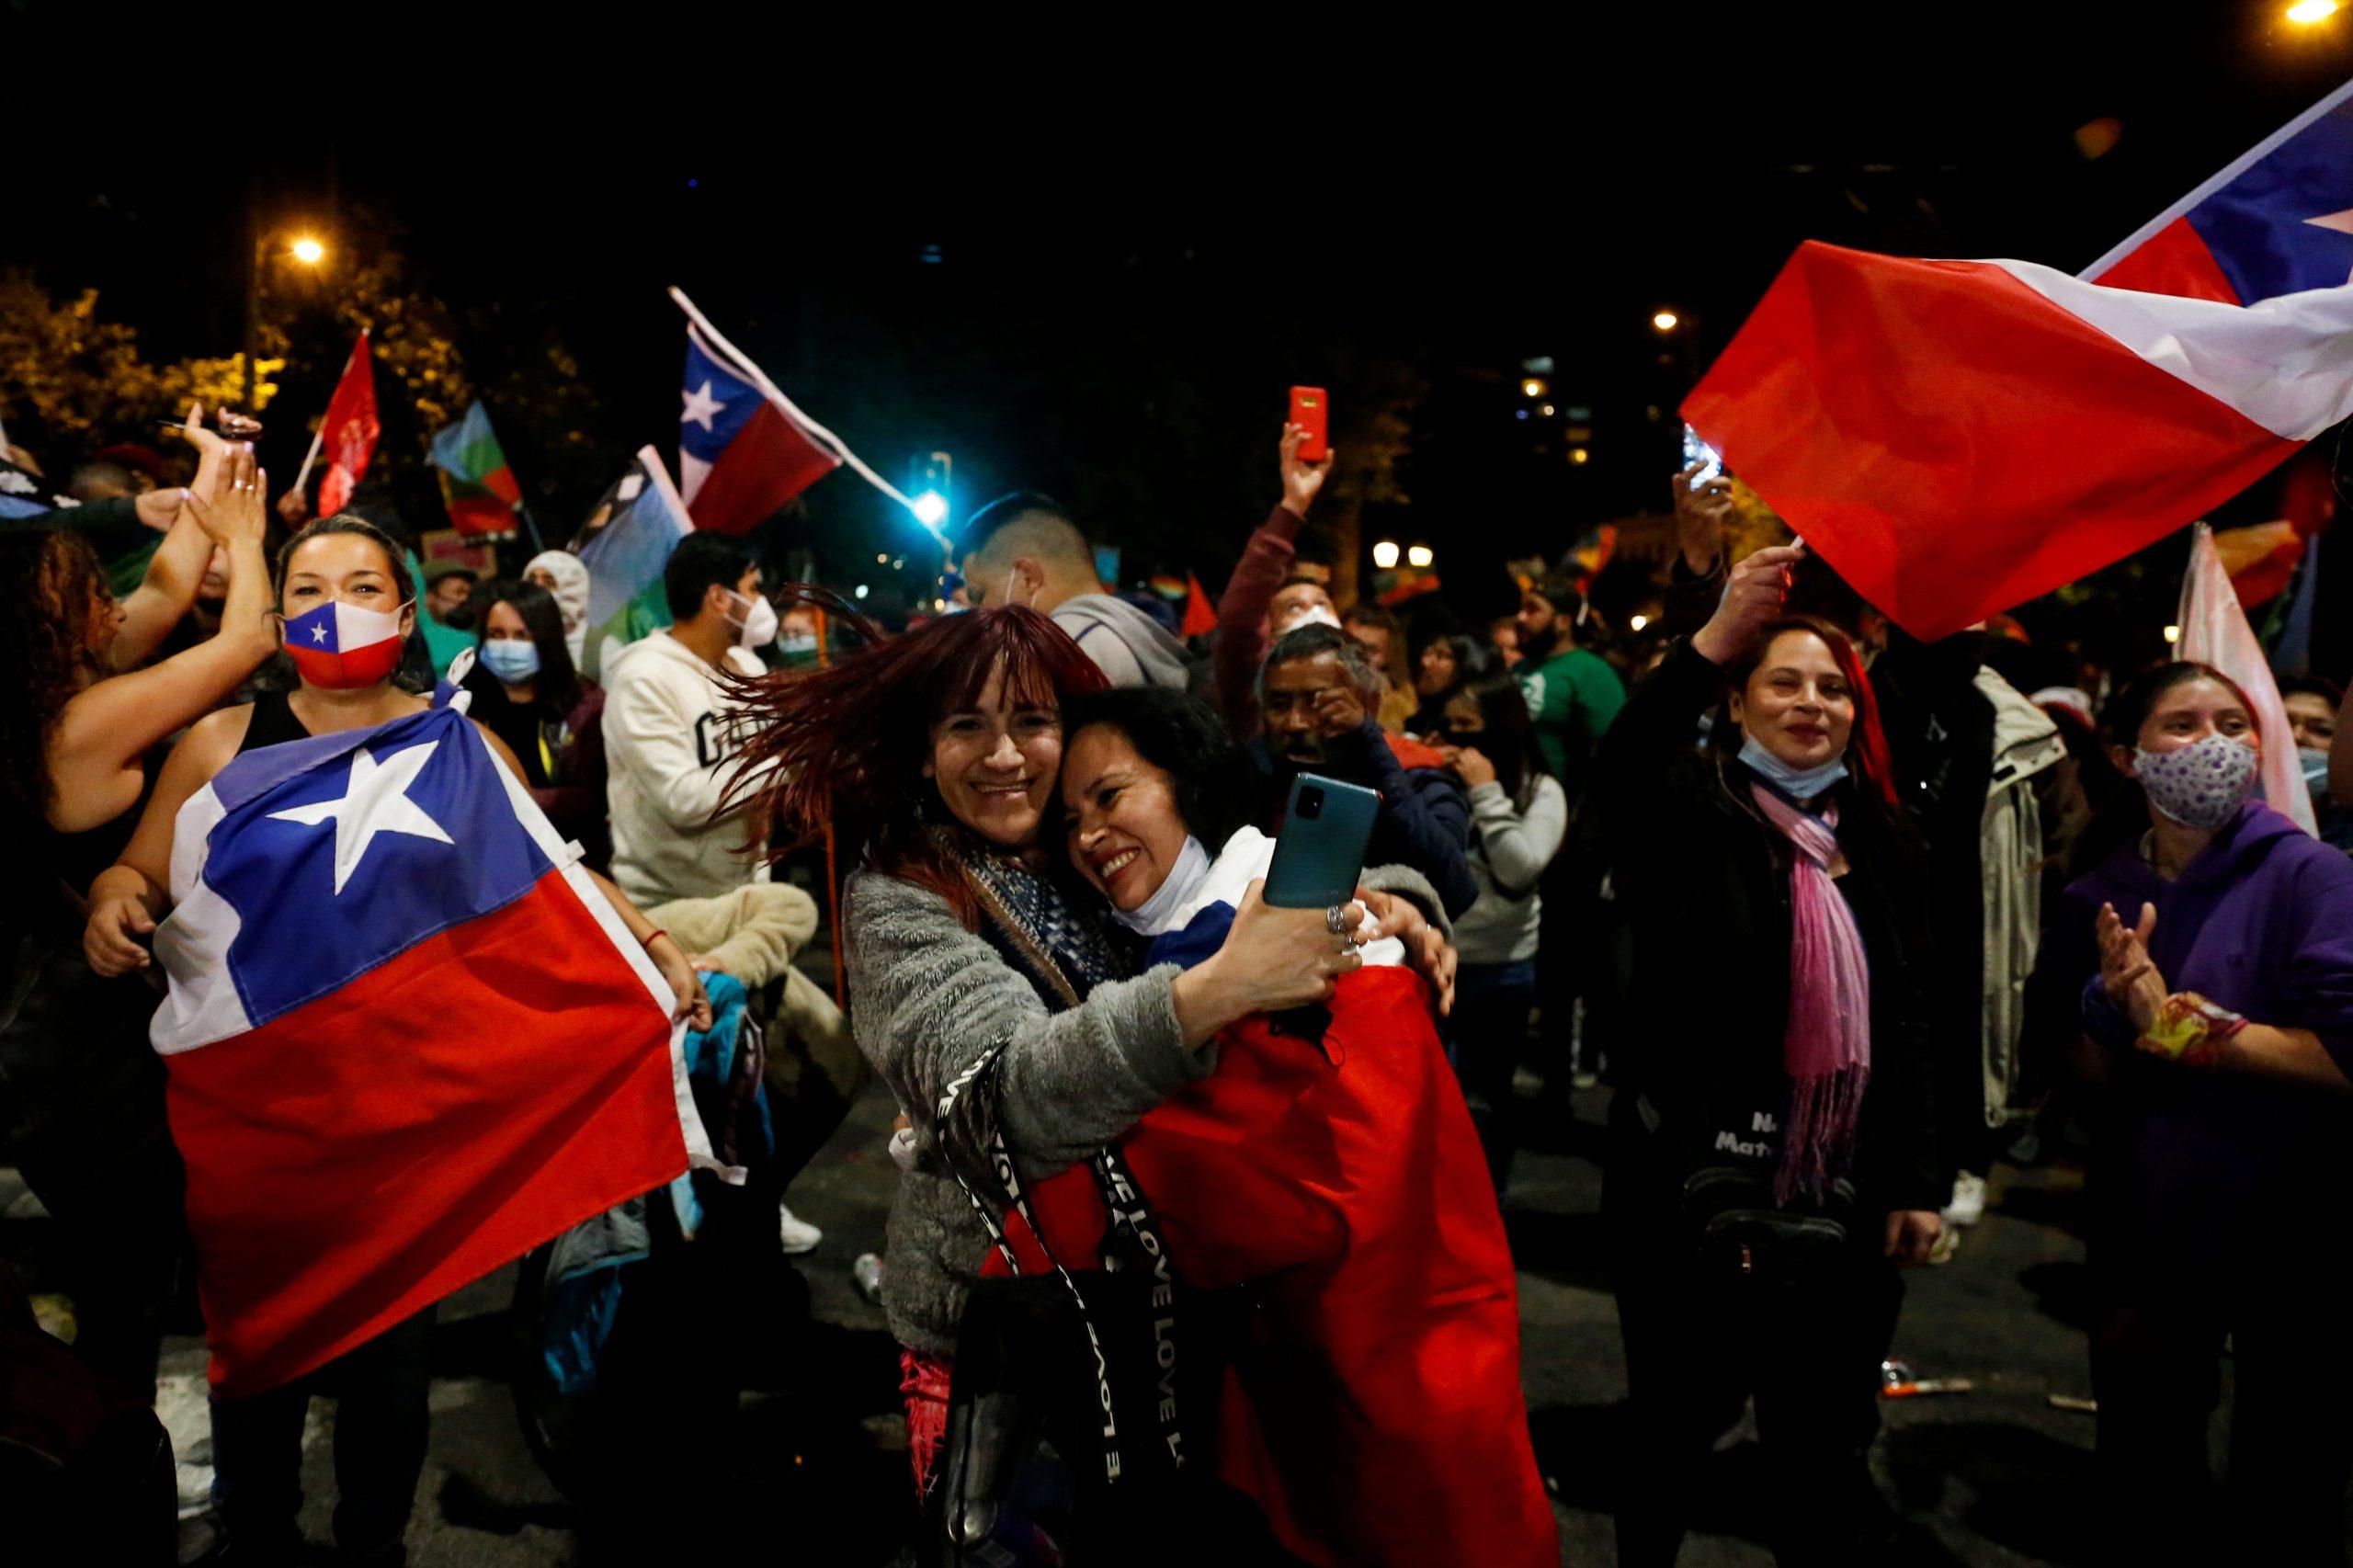 Se aprueba en Chile la redacción de una nueva Constitución tras un año de protestas